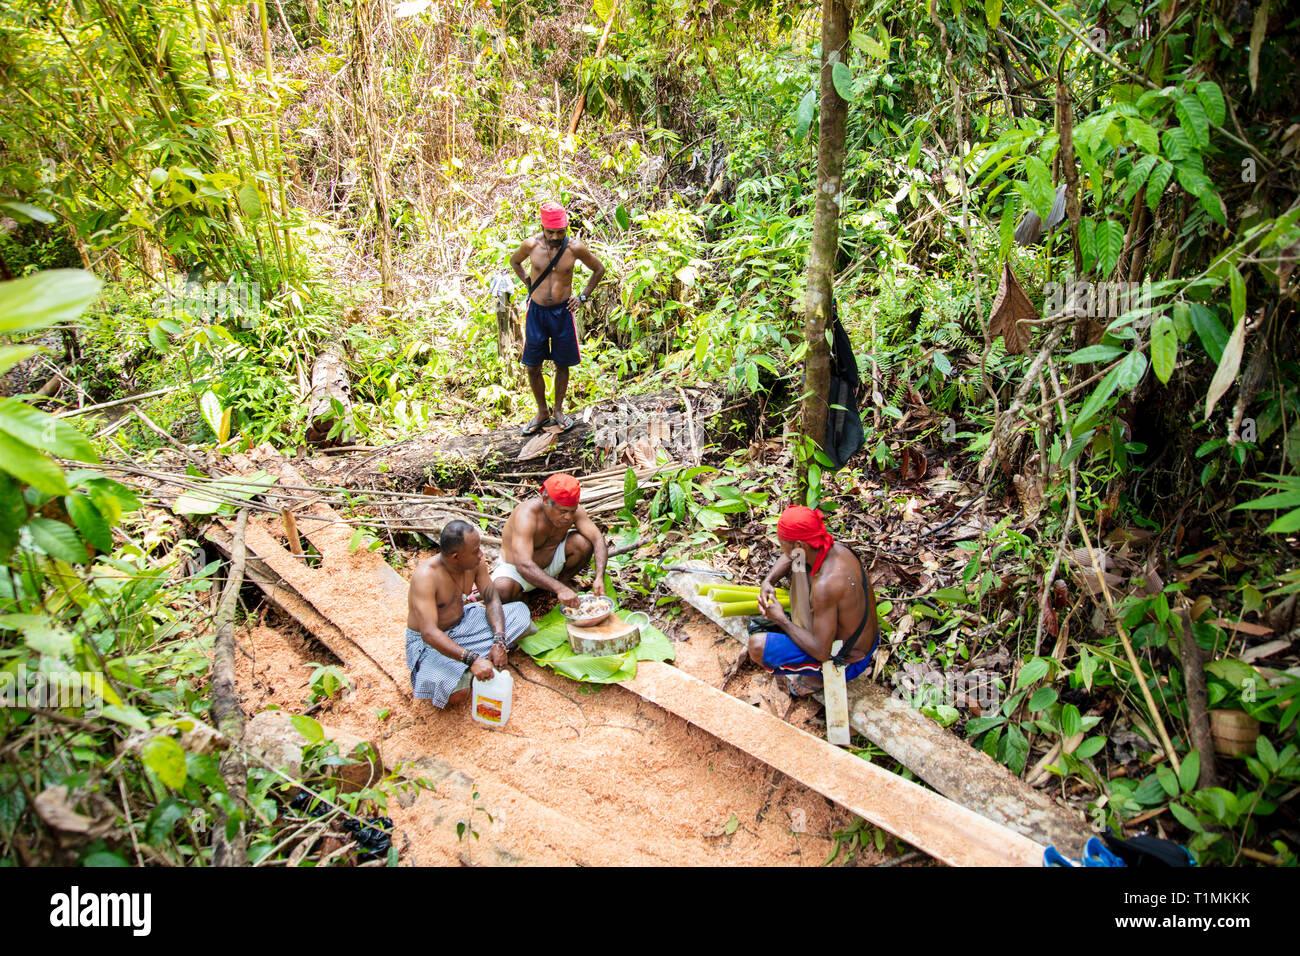 Indigene Alfur Jäger der Nuaulu Gruppe, die eine Erde Backofen im Regenwald, Insel Seram, Molukken, Indonesien Stockfoto